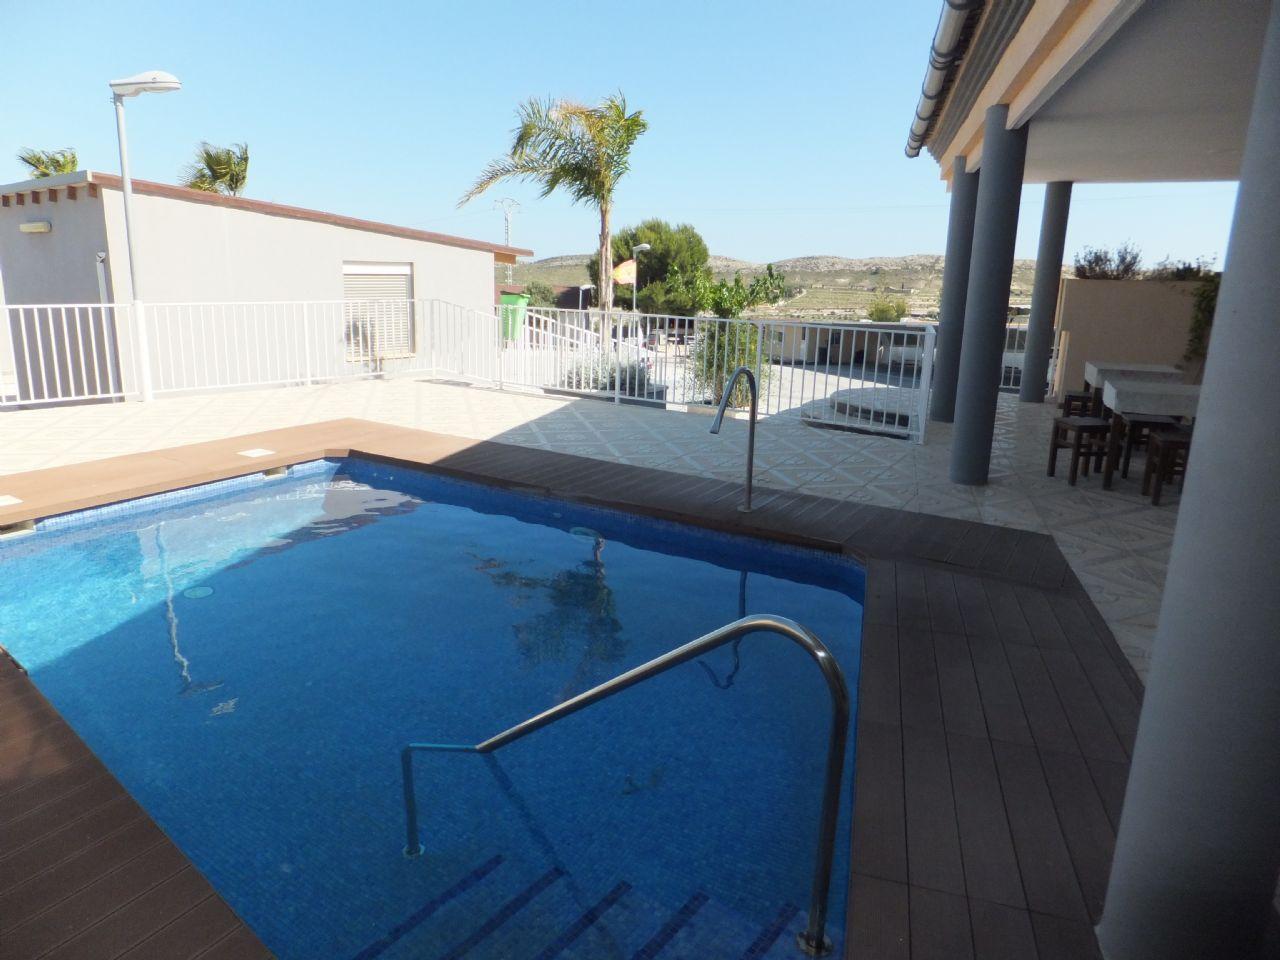 Casa / Chalet en Alicante, Bacarot, alquiler